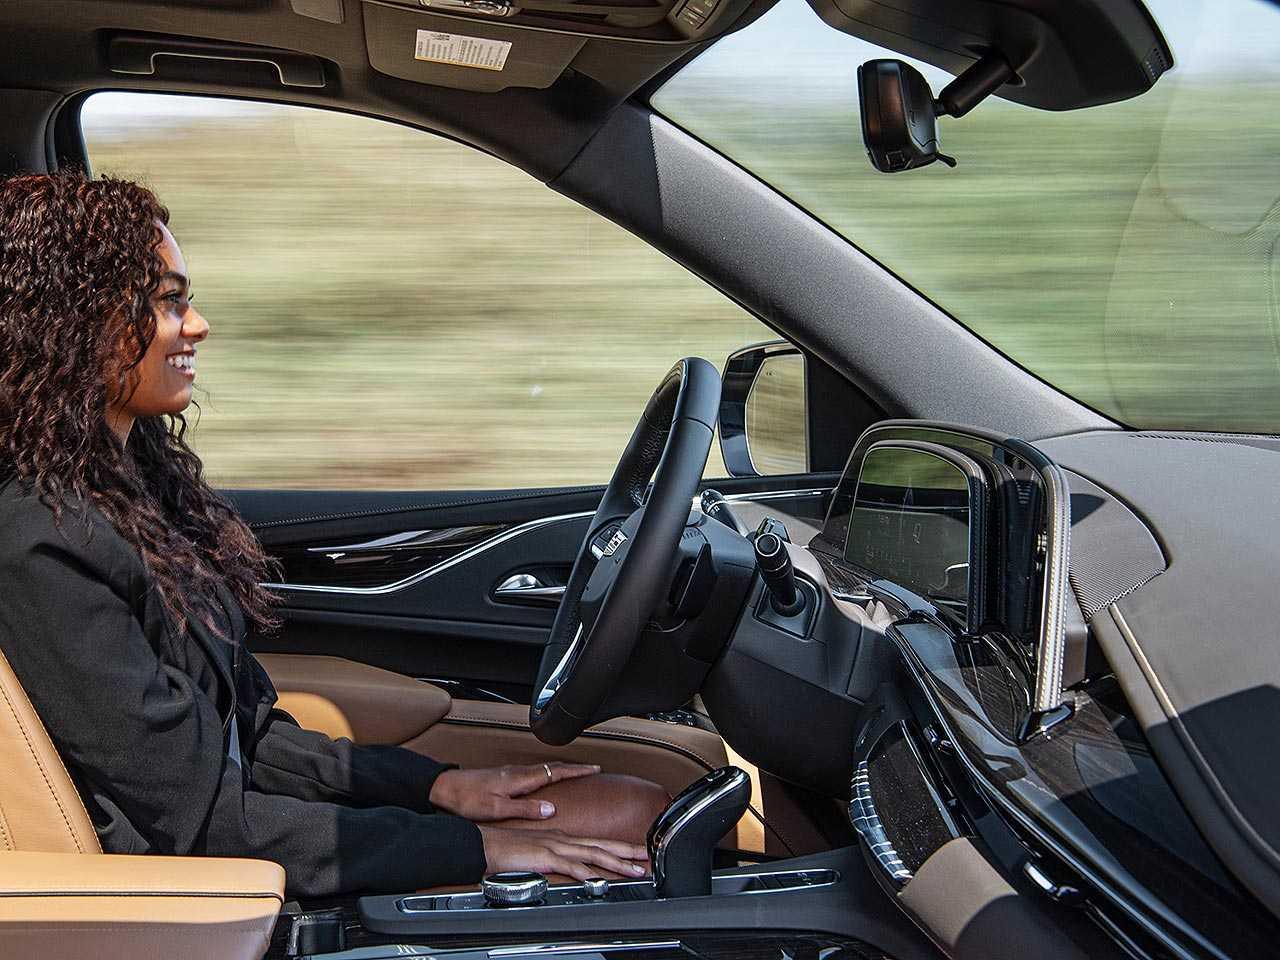 Novo sistema de condução autônoma é uma evolução do Super Cruise já oferecido pela marca Cadillac